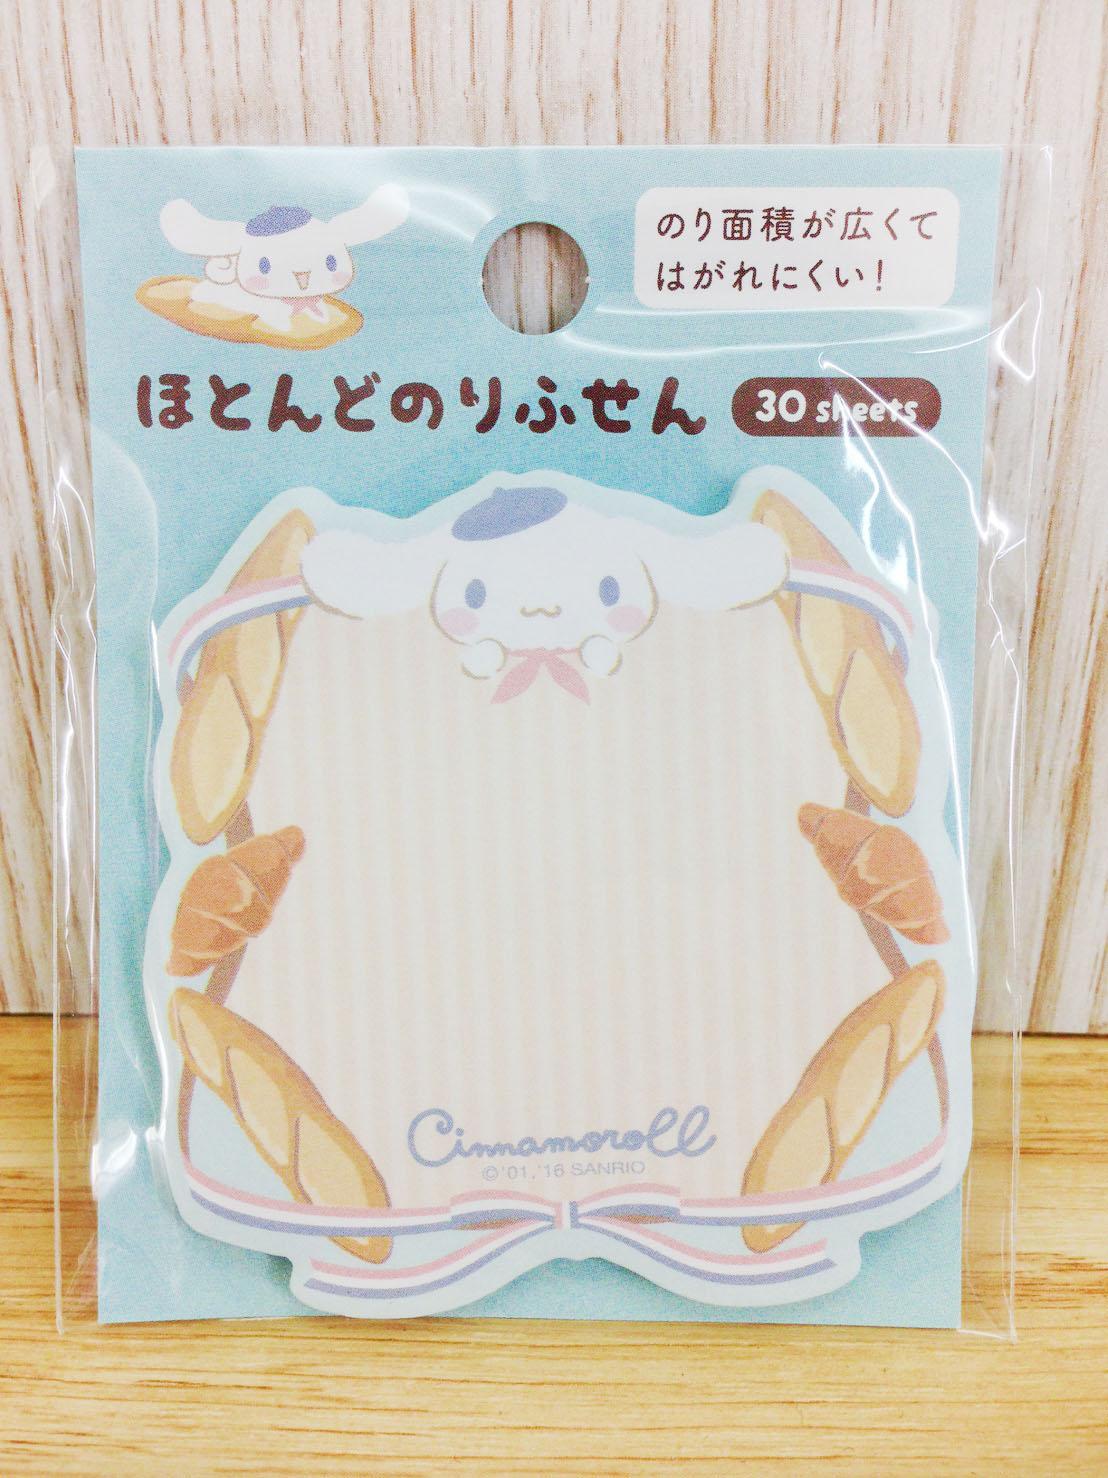 【真愛日本】16060800036造型自黏便箋-CN麵包藍  三麗鷗家 喜拿狗 大耳狗  文具 標籤紙 造型標籤